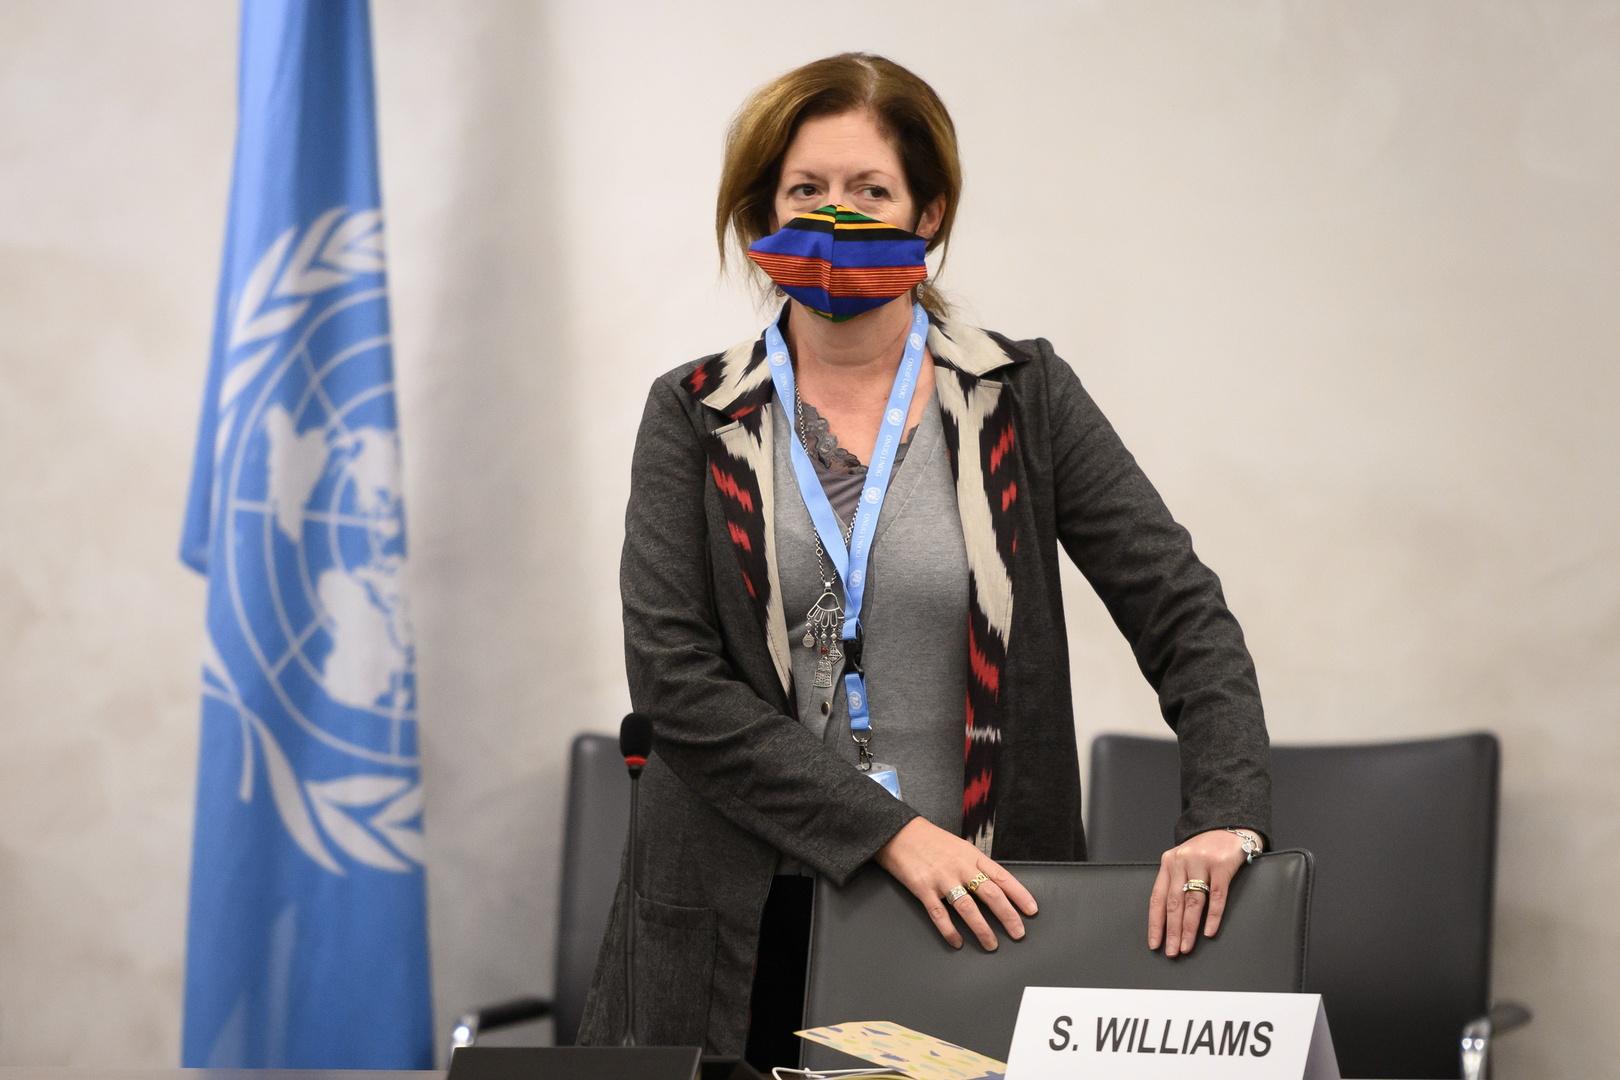 الأمم المتحدة: اتفاق وفدي حكومة الوفاق والقيادة العامة علامة مهمة لليبيا